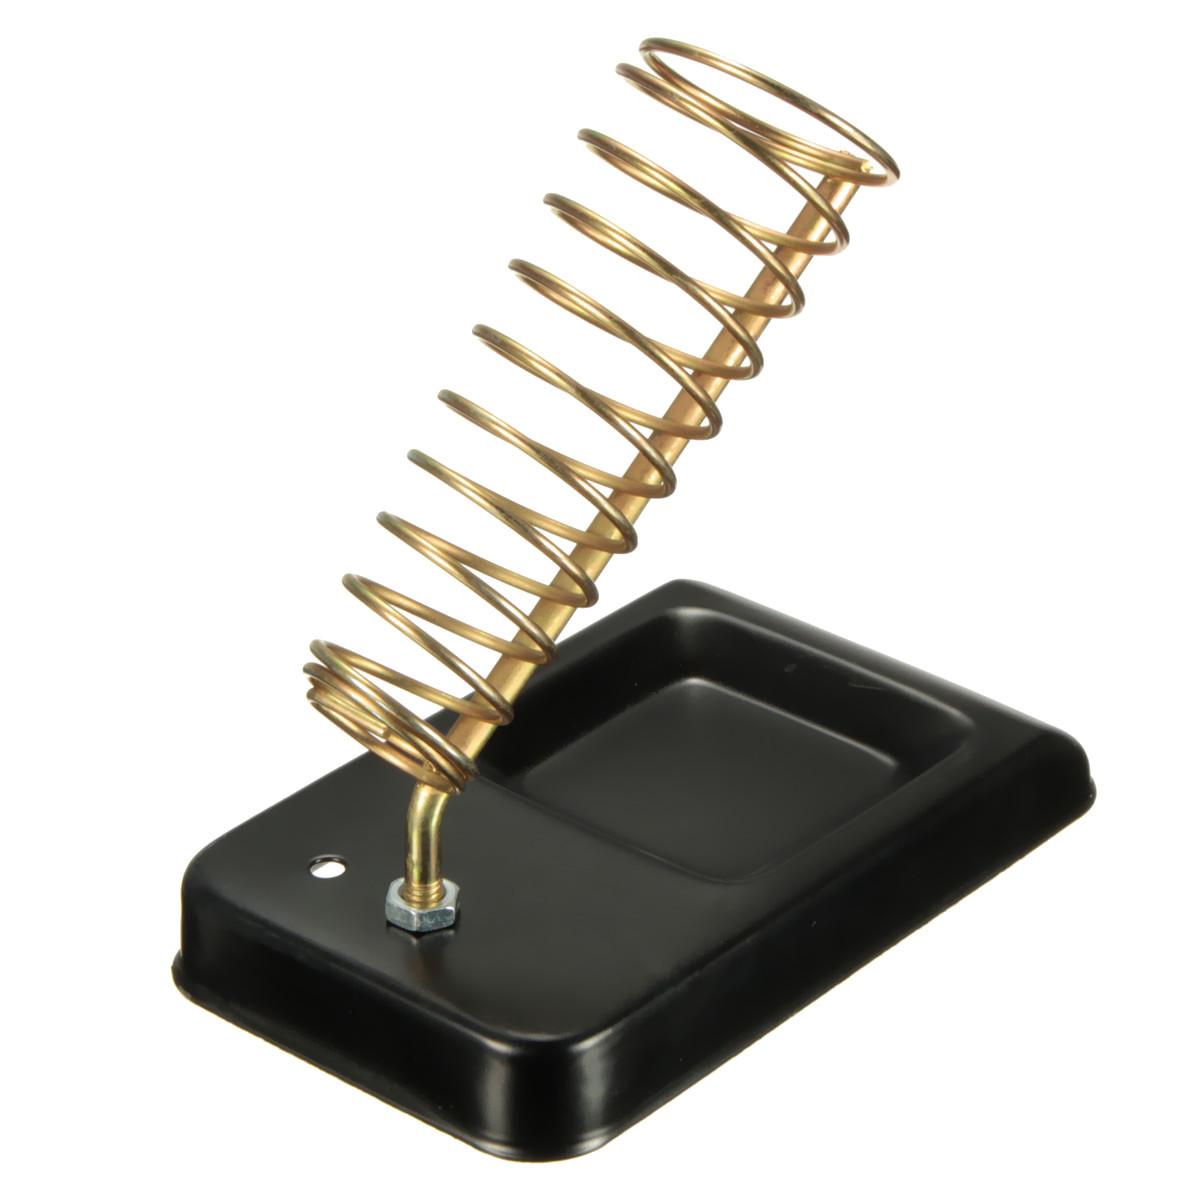 full metal base soldering iron gun holder stand mount support station with screws alex nld. Black Bedroom Furniture Sets. Home Design Ideas